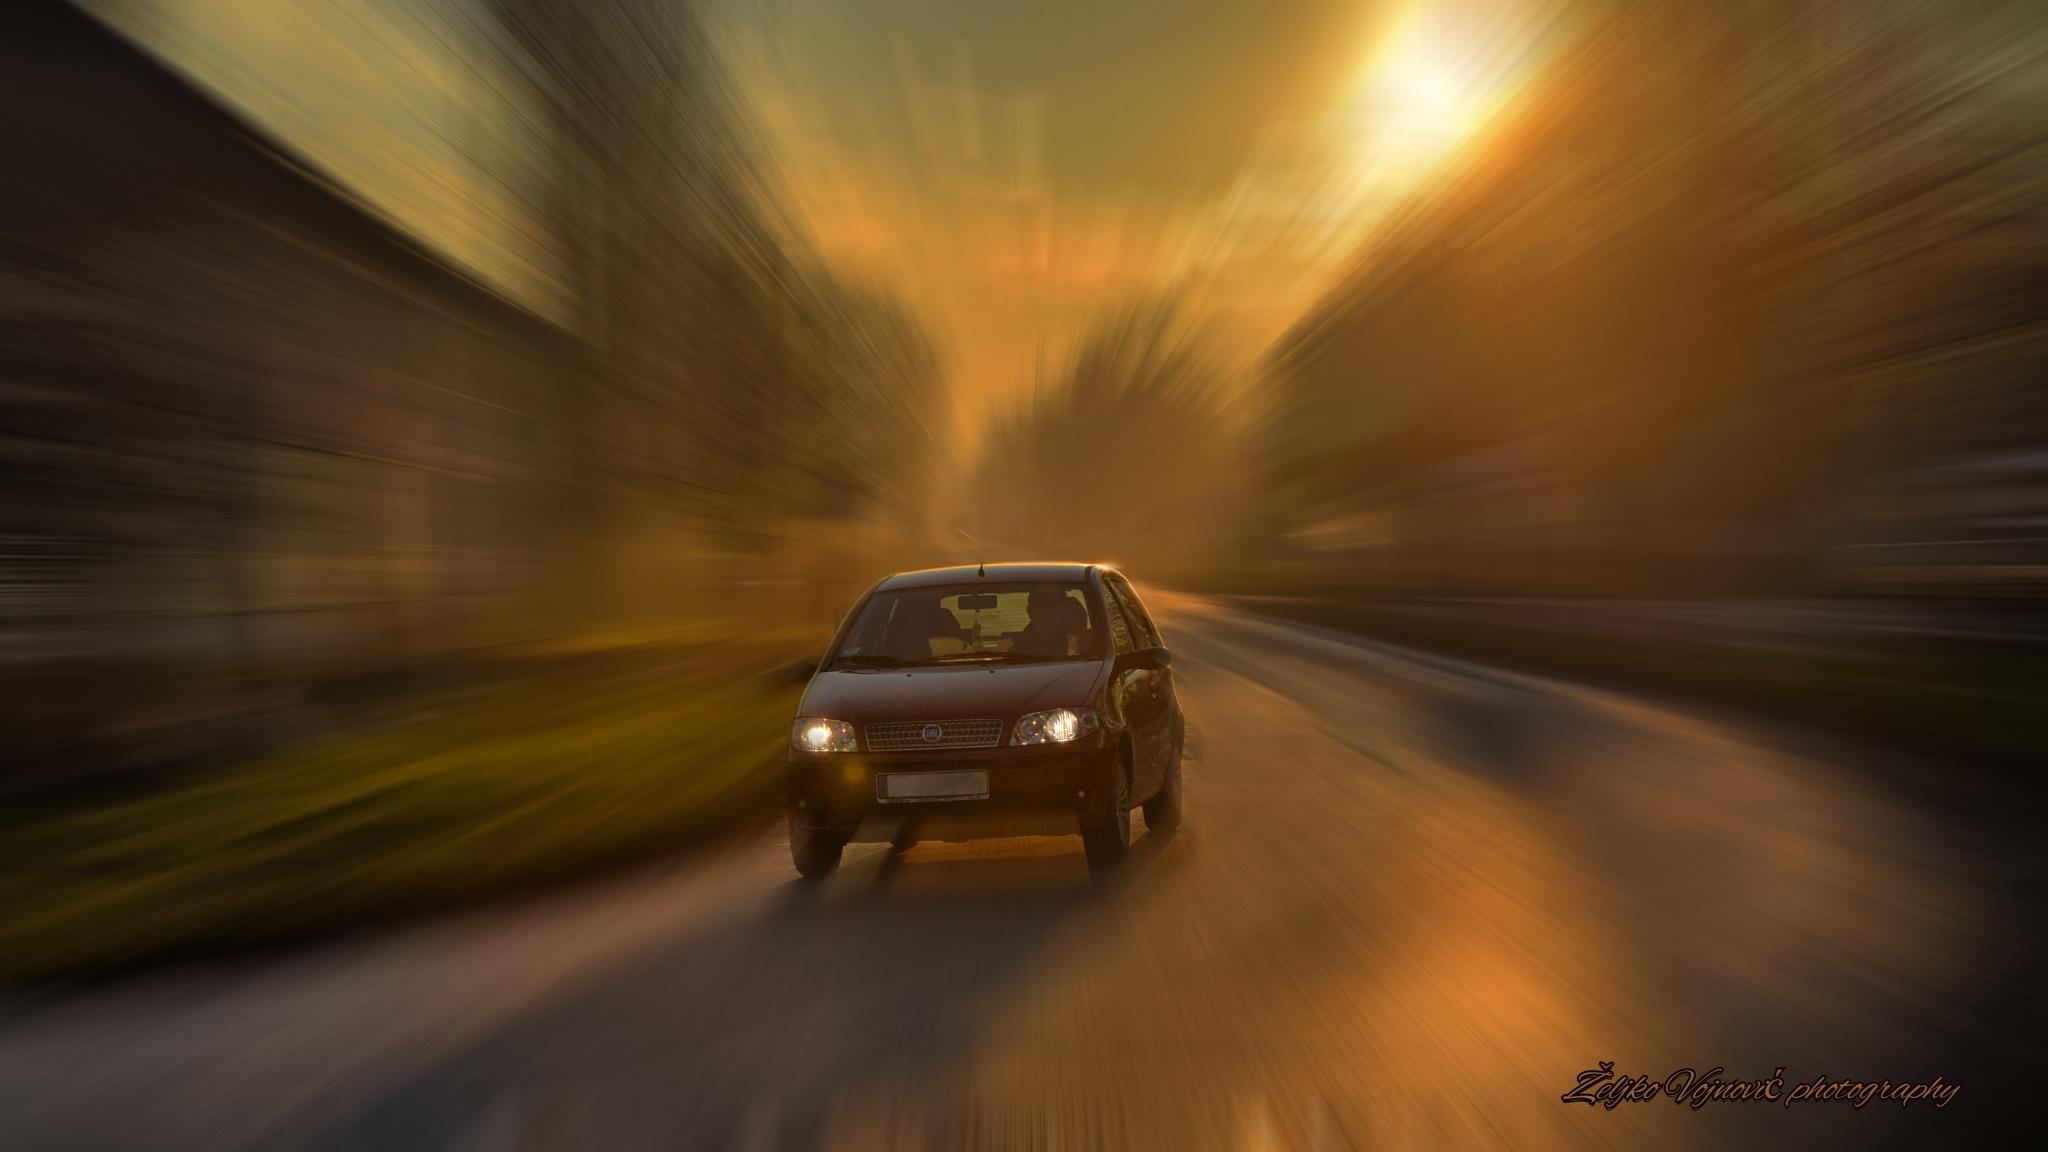 Sunset road II by Željko Vojnović